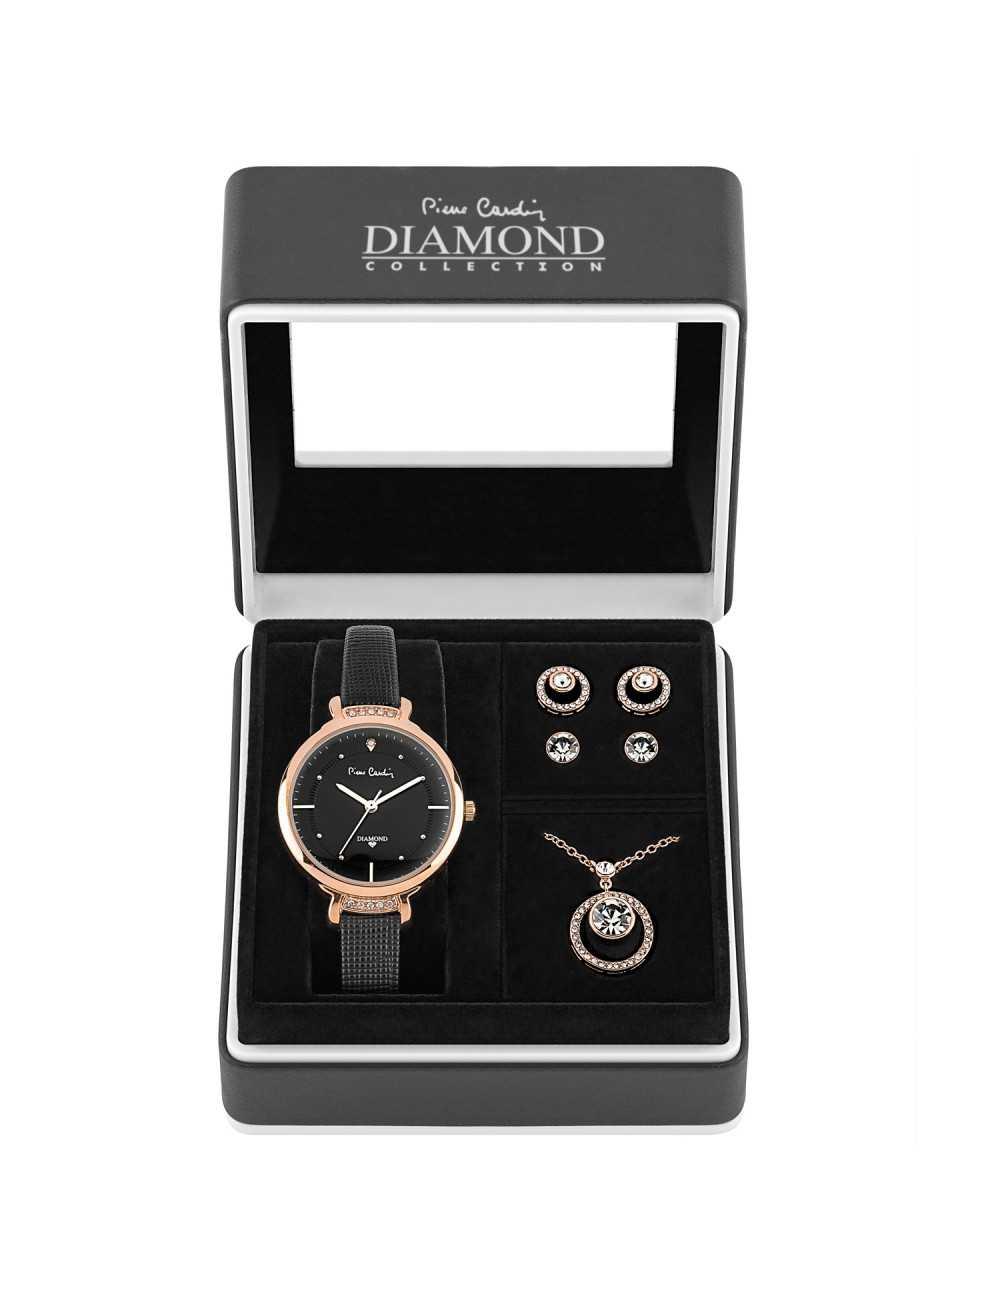 Pierre Cardin Gift Set Watch & Necklace & Earrings PCDX7903L7